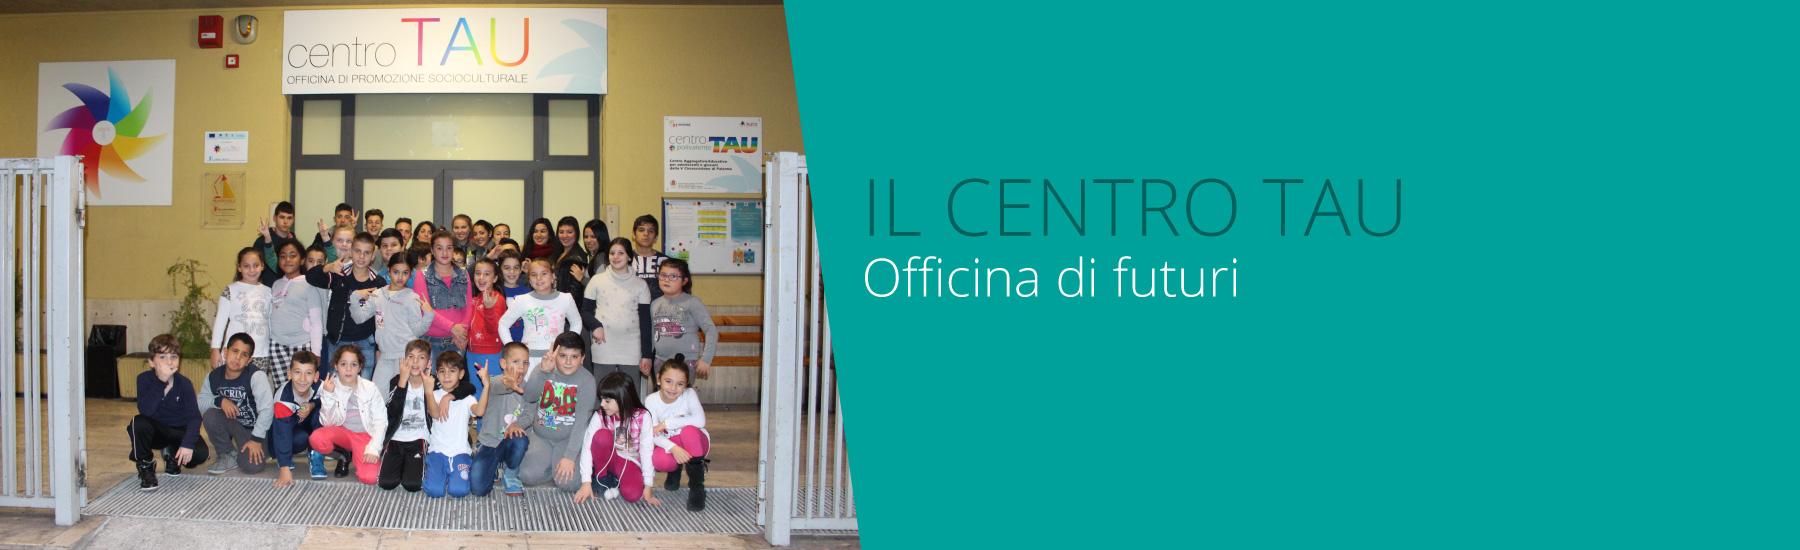 Il Centro TAU